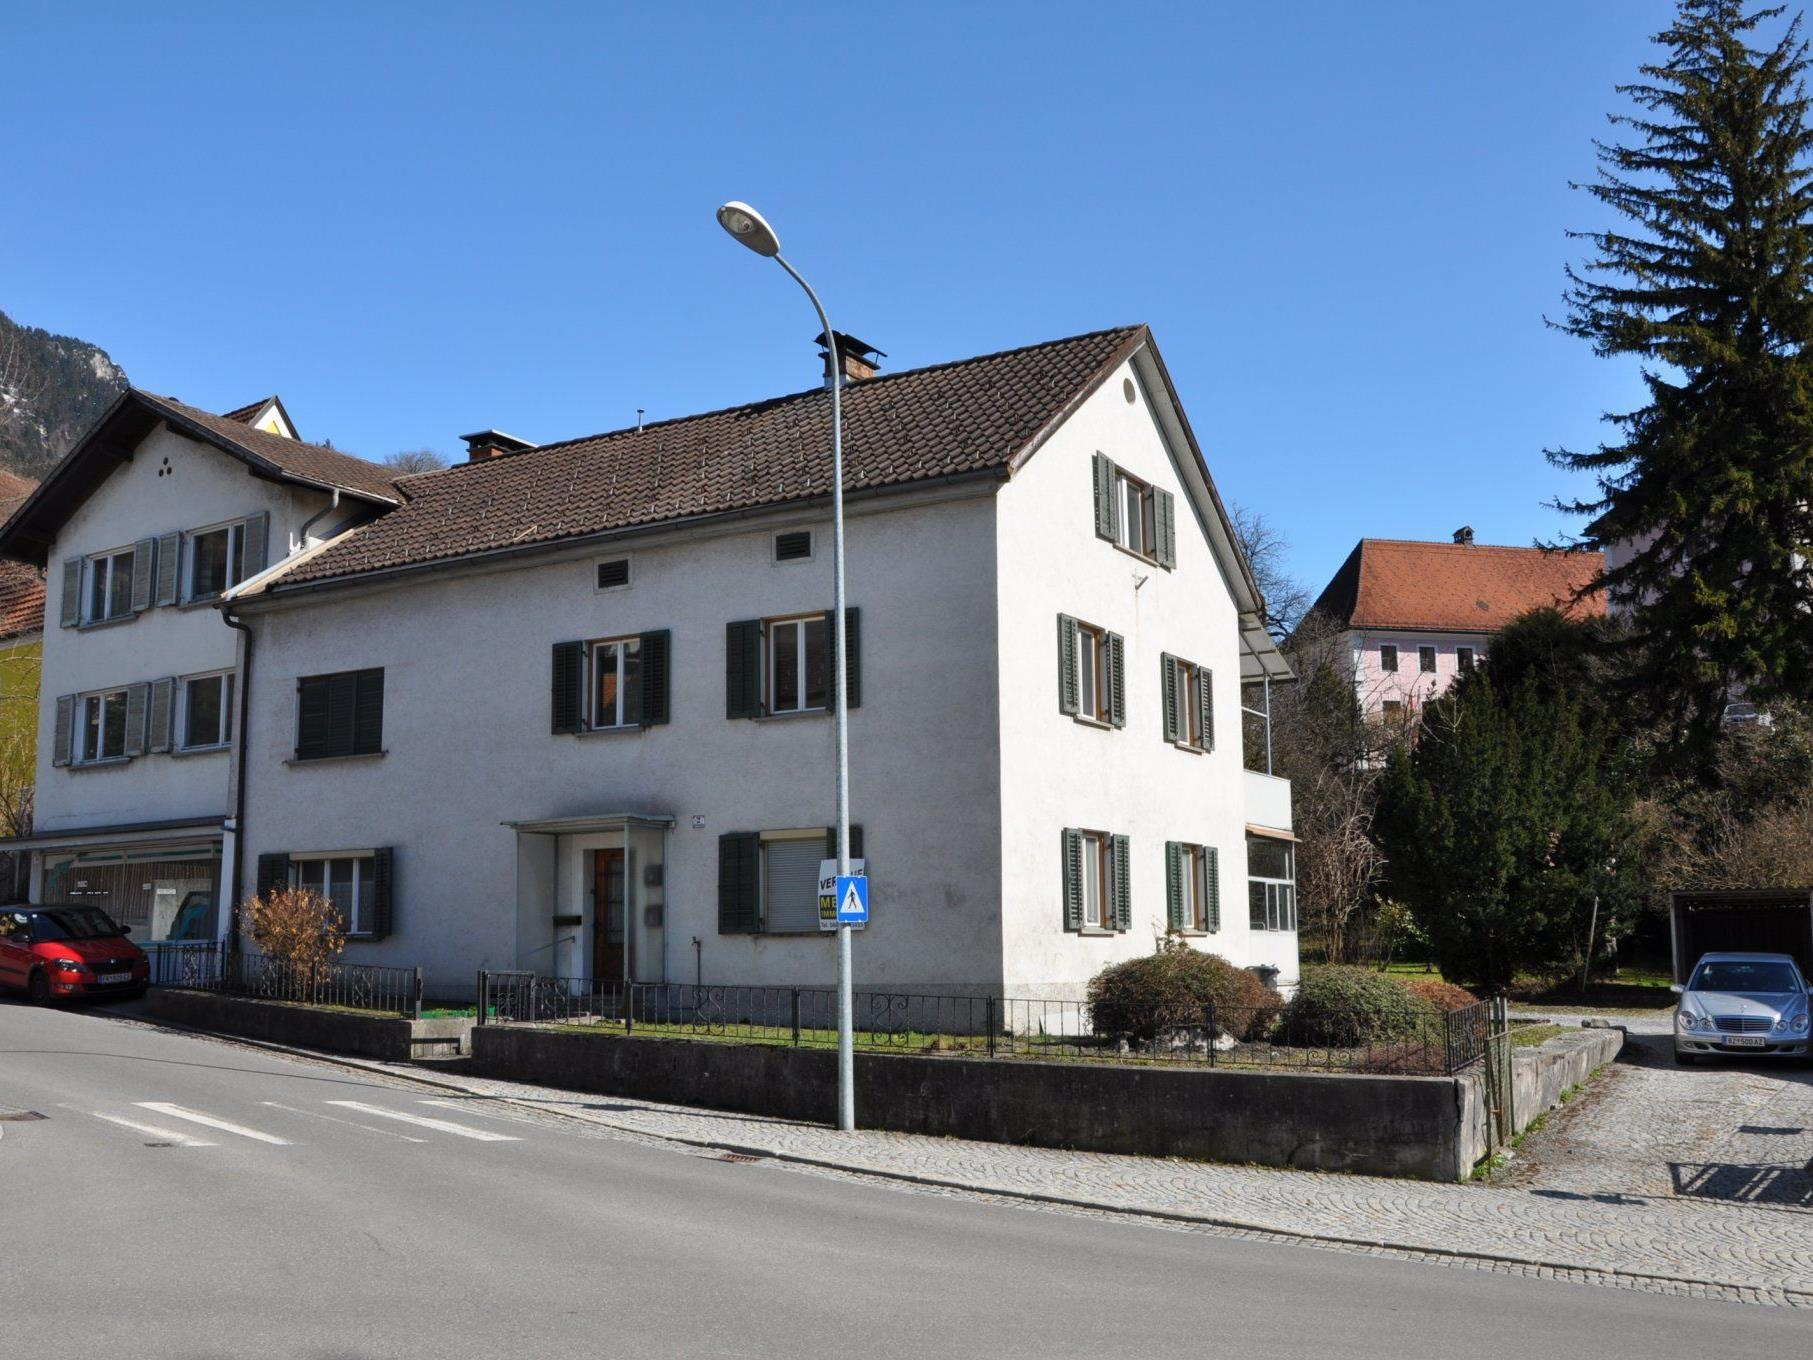 Haus und Grundstück Spitalgasse 2 und 2a werden von der Stadt Bludenz angekauft.